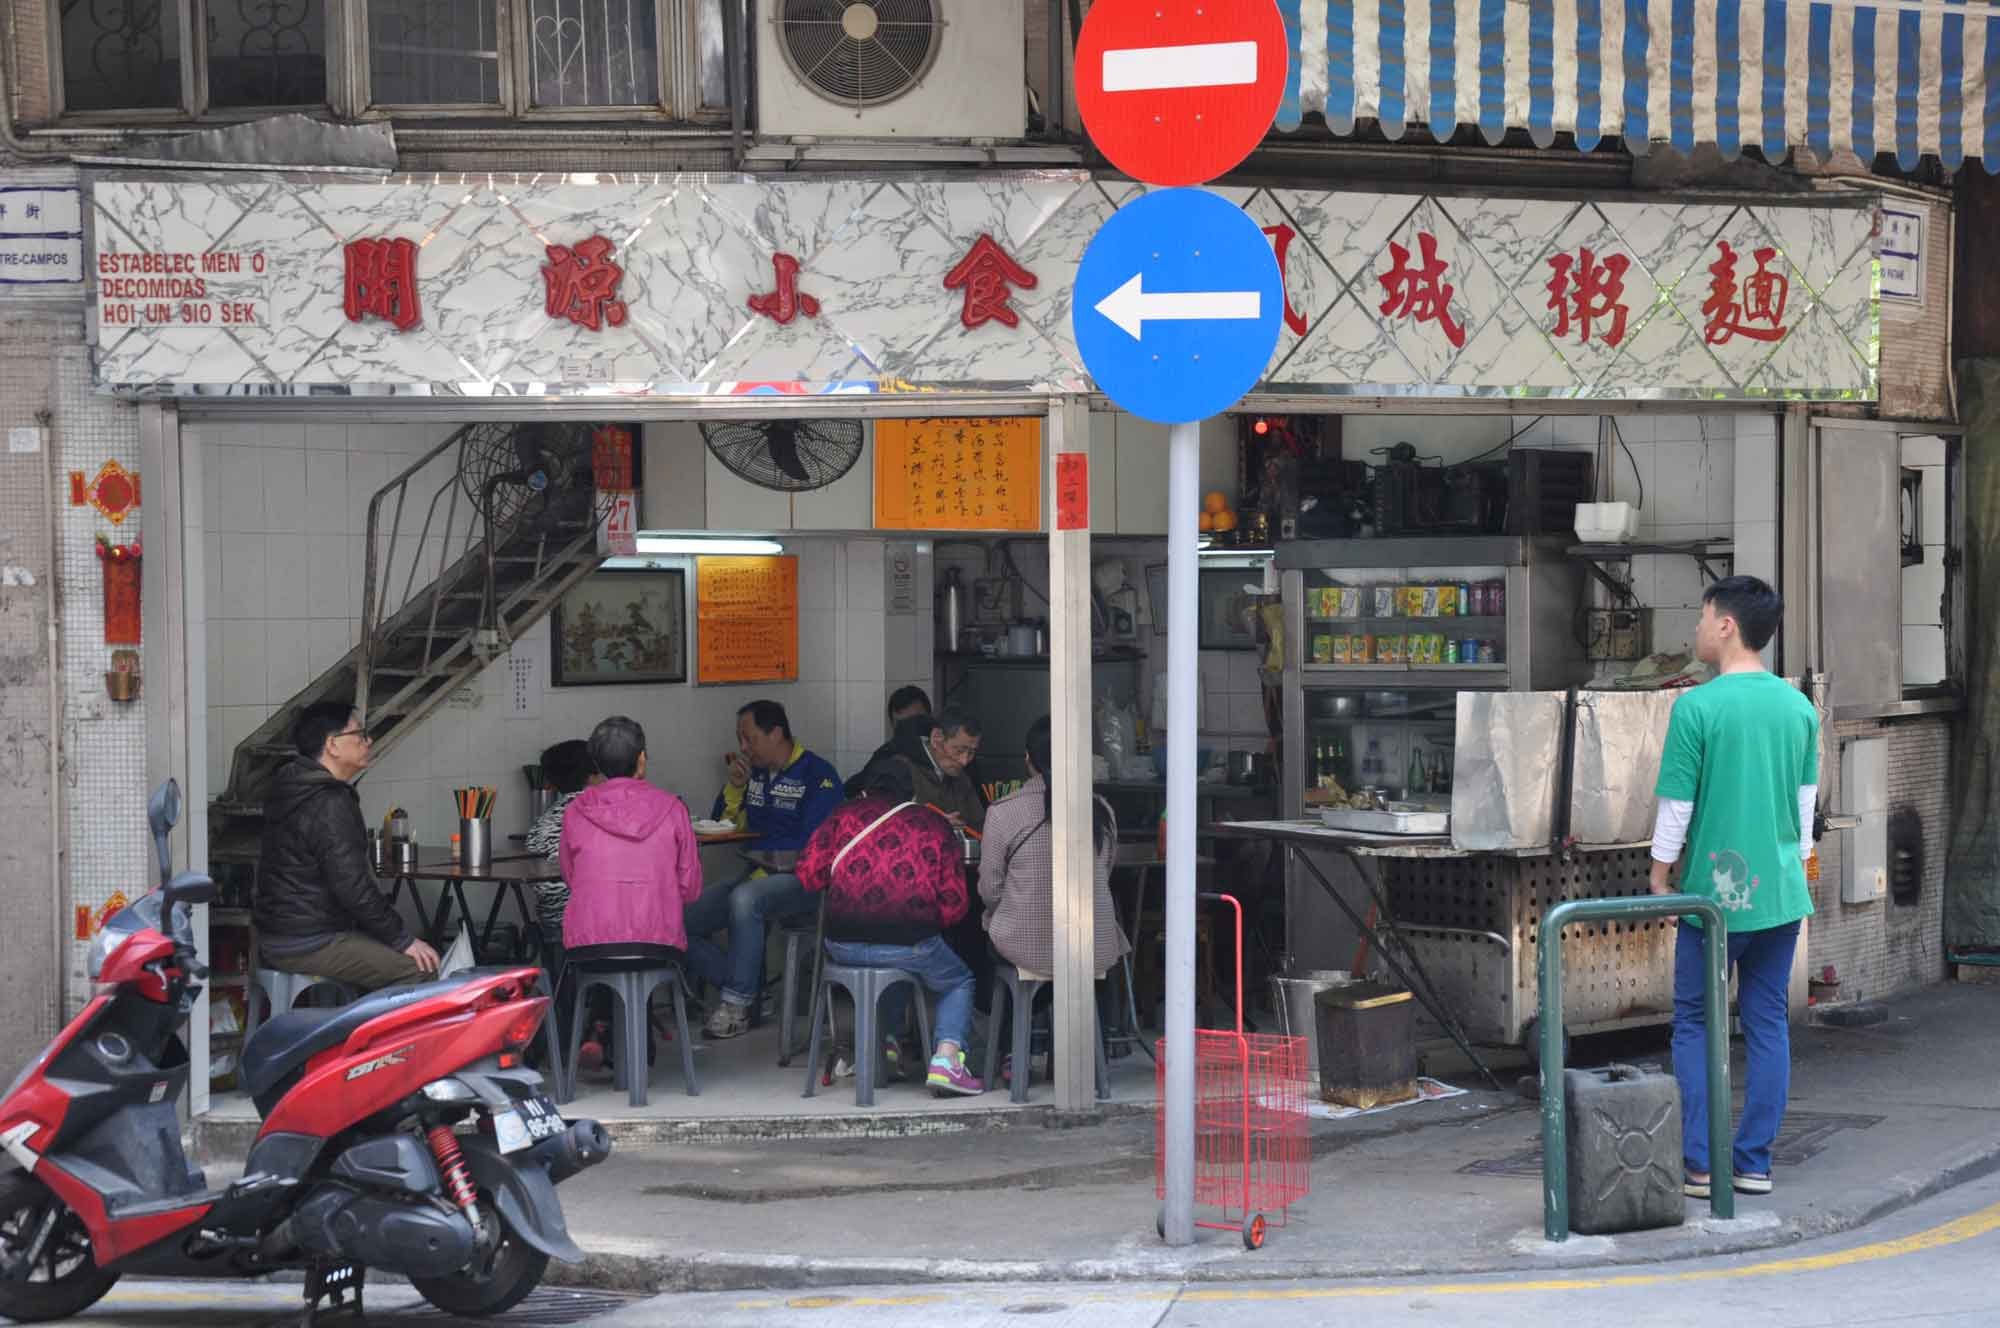 Street Food: Hoi On San Sek Macau